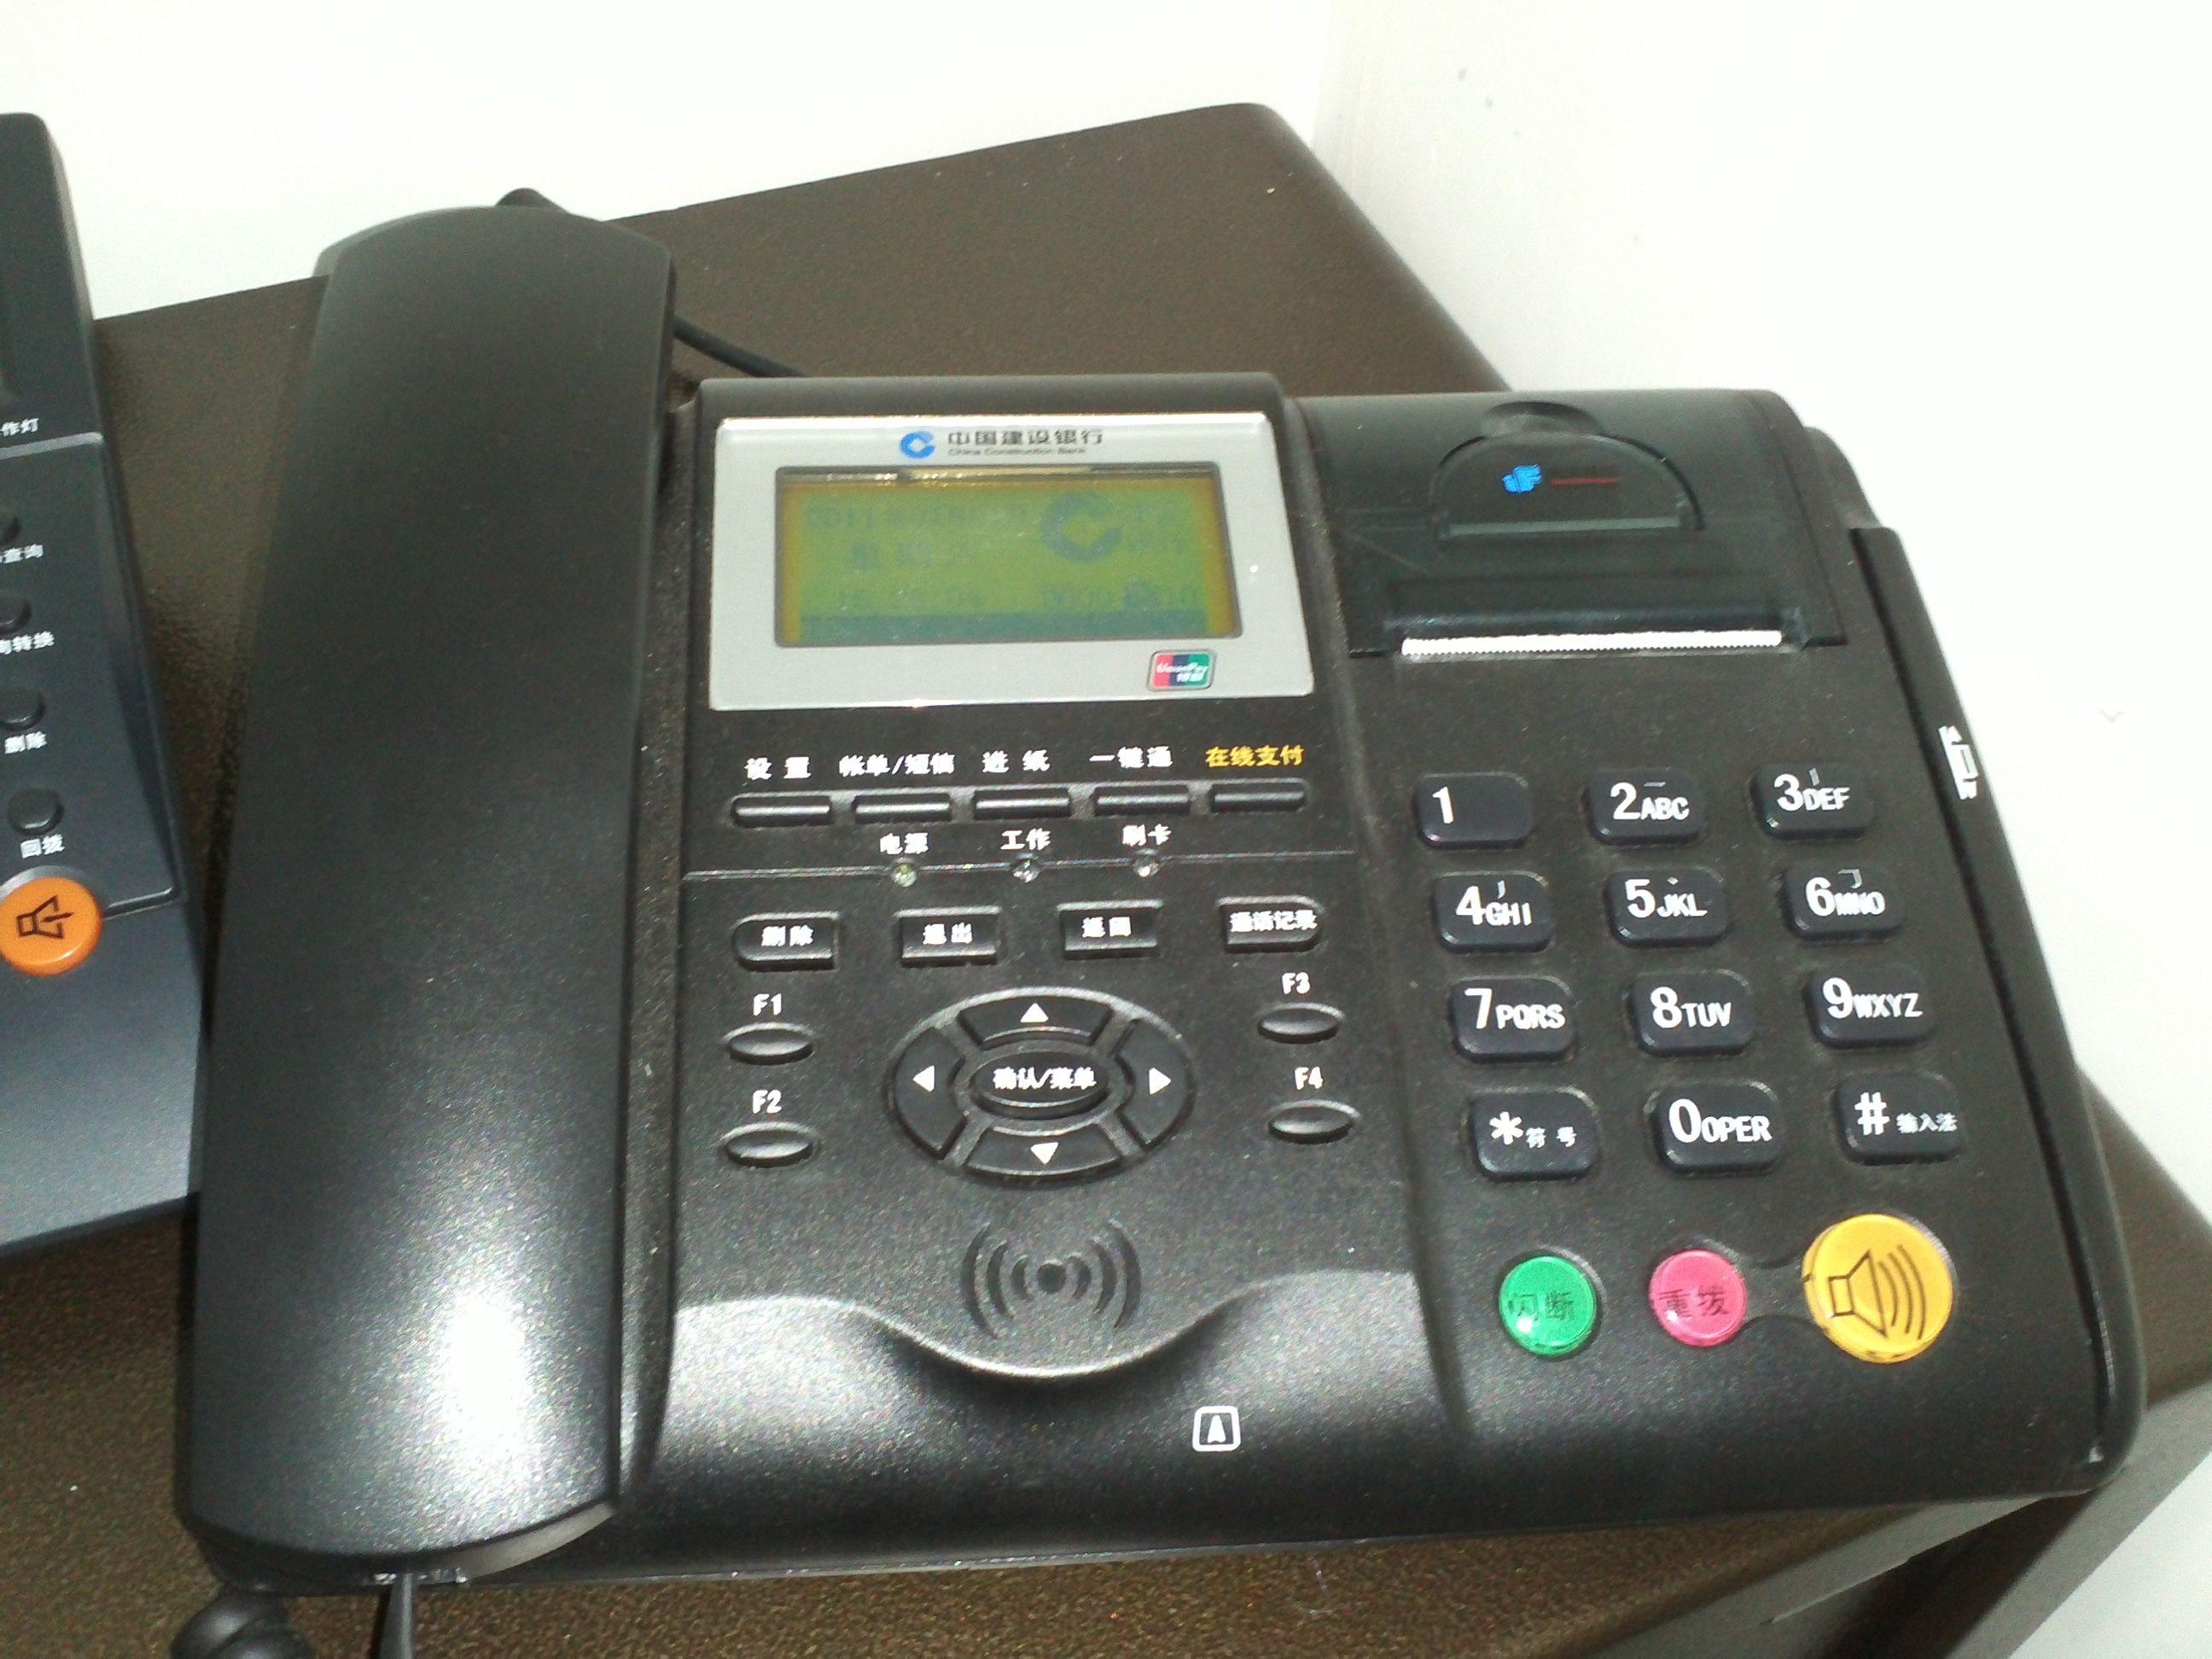 刷卡机怎样换纸_刷卡机怎样换纸_拉卡拉刷卡机_pos机怎么换纸_手机刷卡机_看猎奇